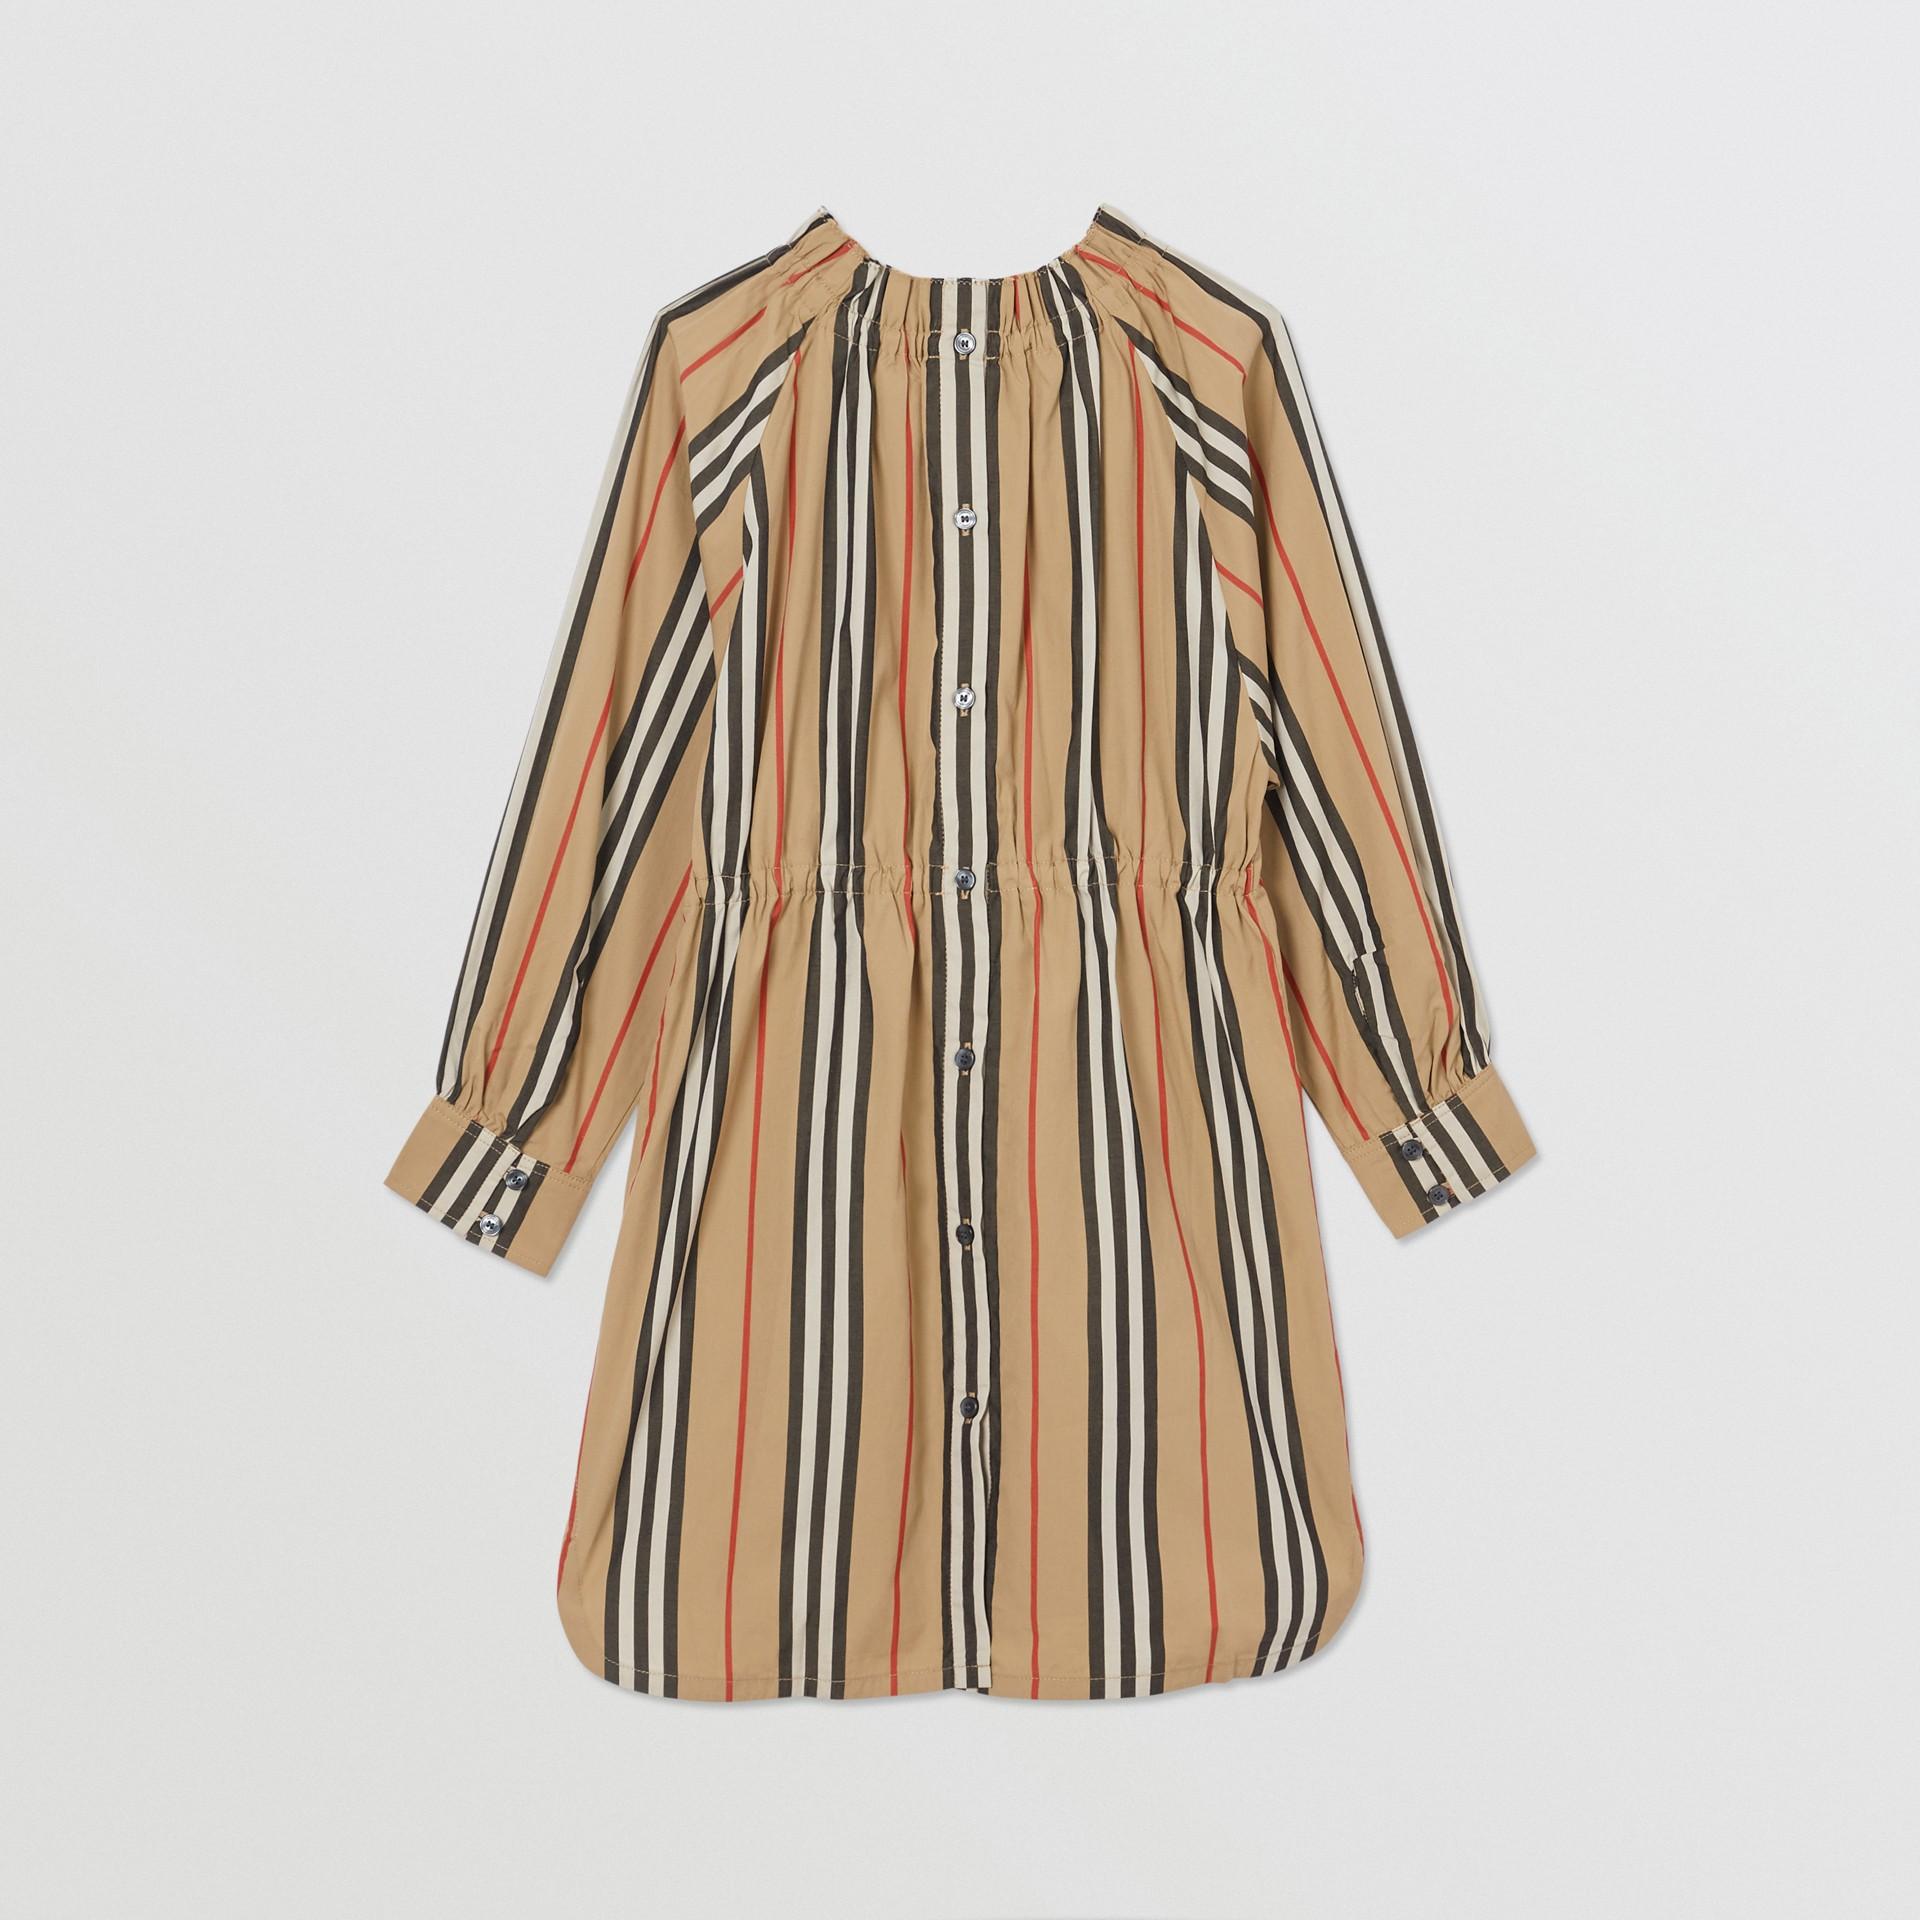 アイコンストライプ コットンポプリン ドレス (アーカイブベージュ) | バーバリー - ギャラリーイメージ 3